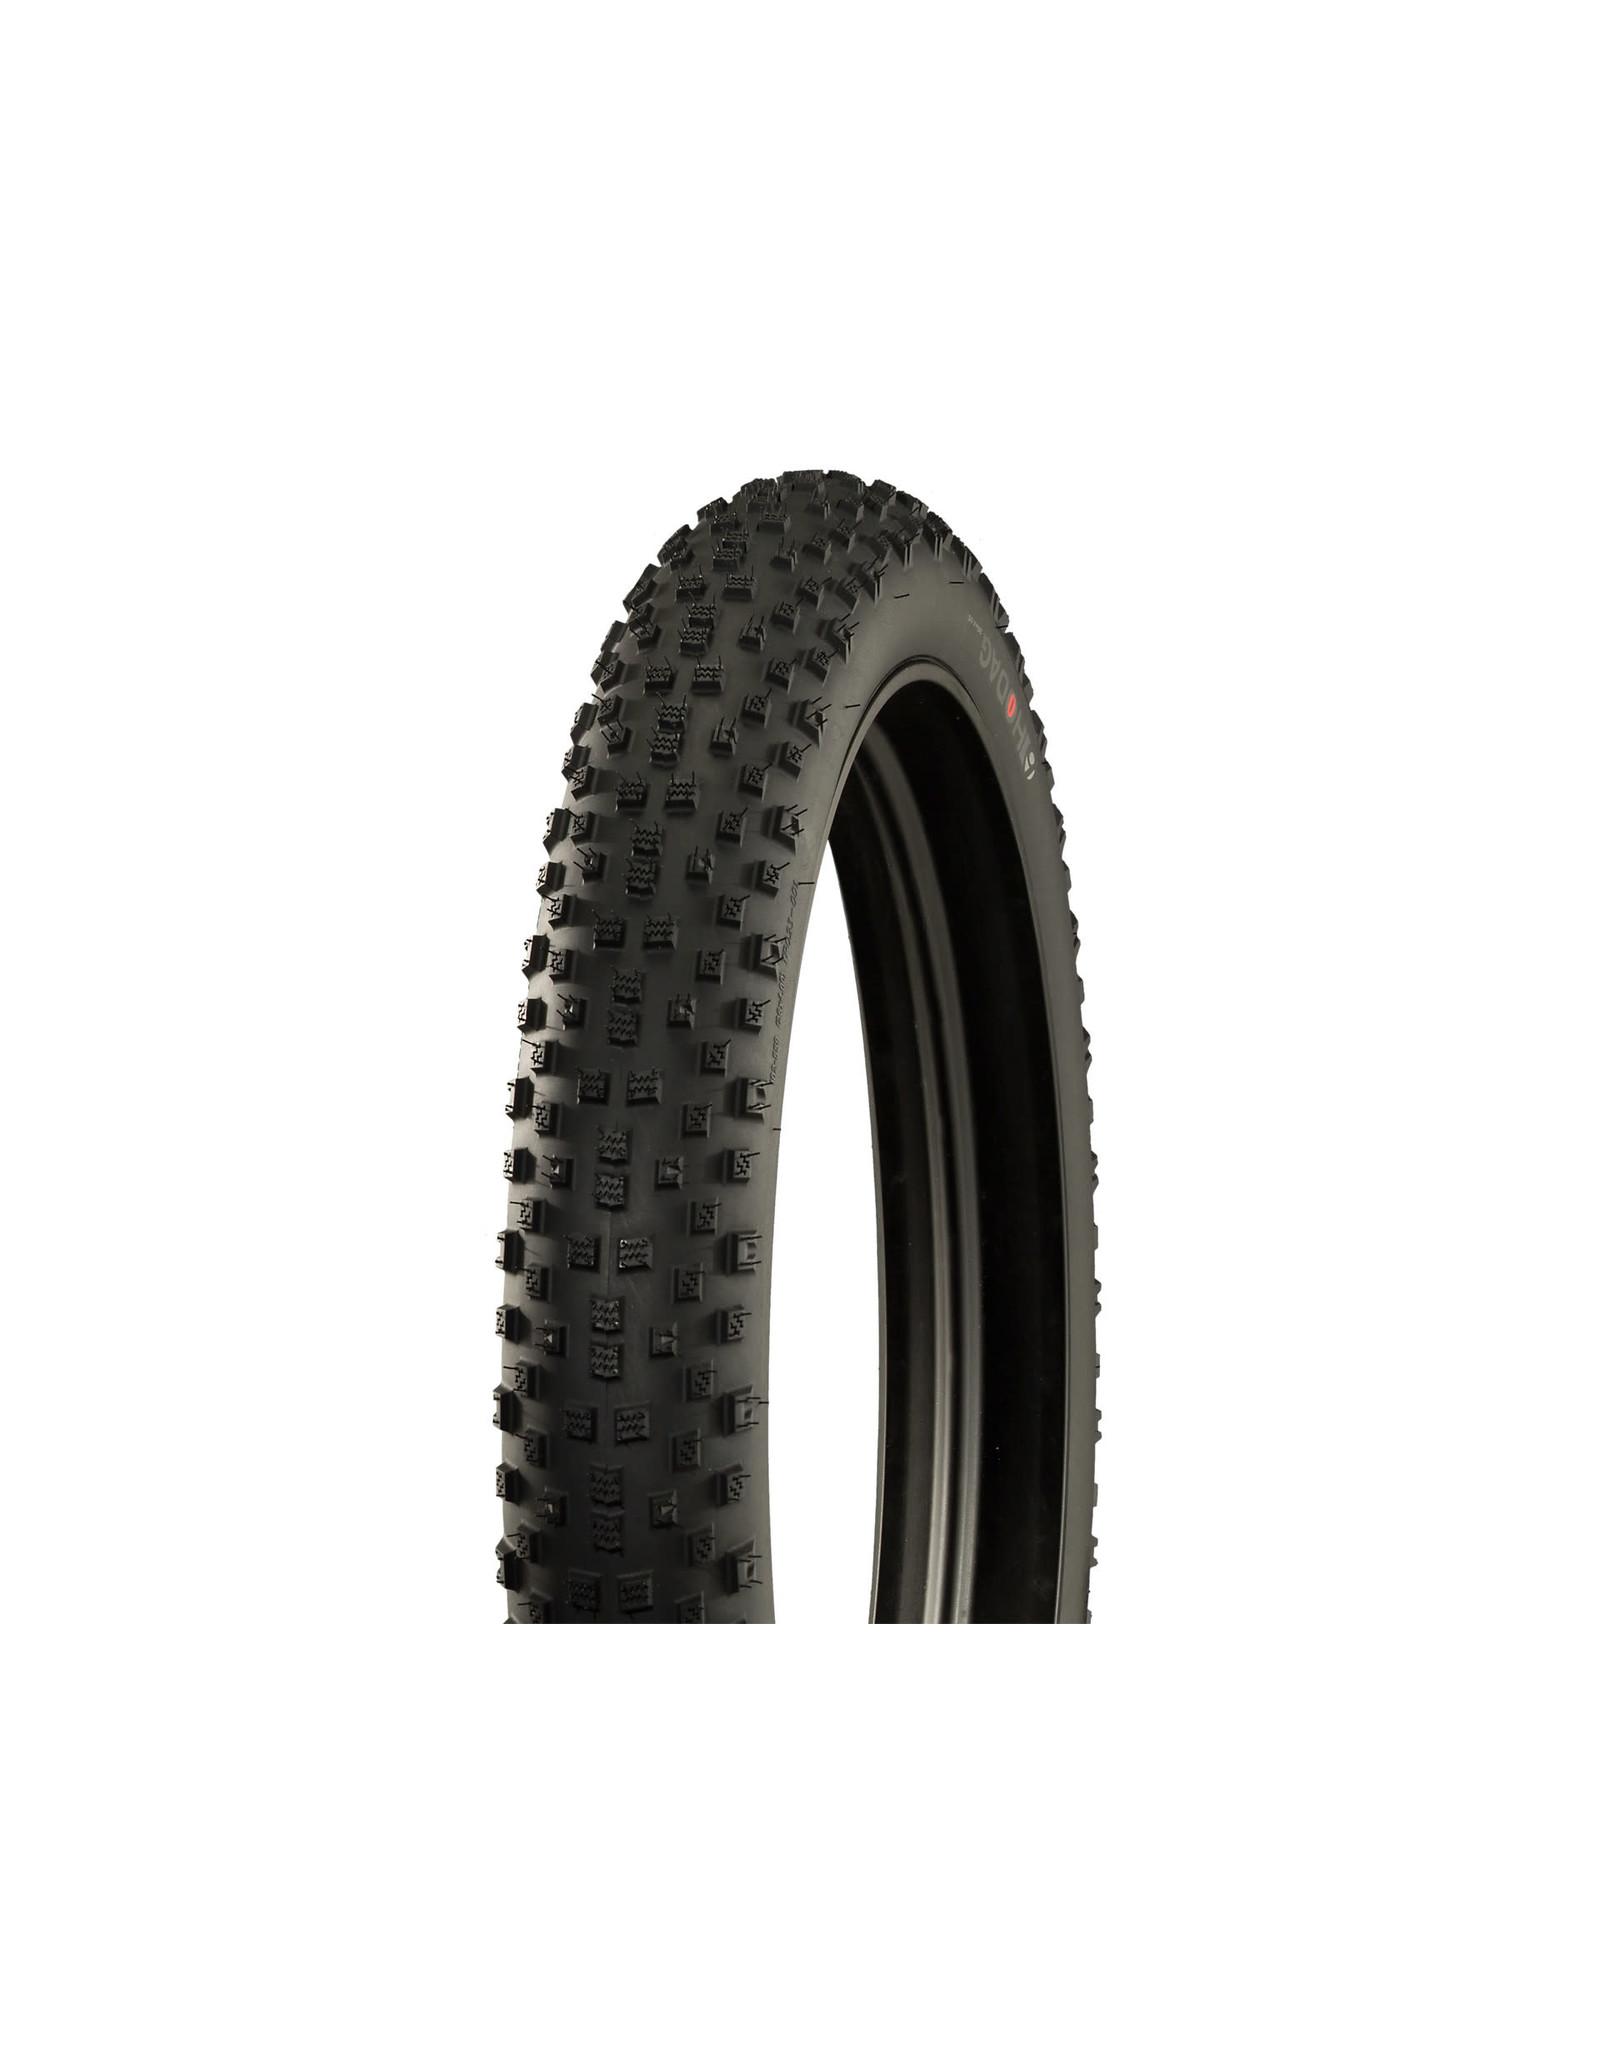 Trek Bontrager Hodag Fat Bike Tire  26x3.8 TLR